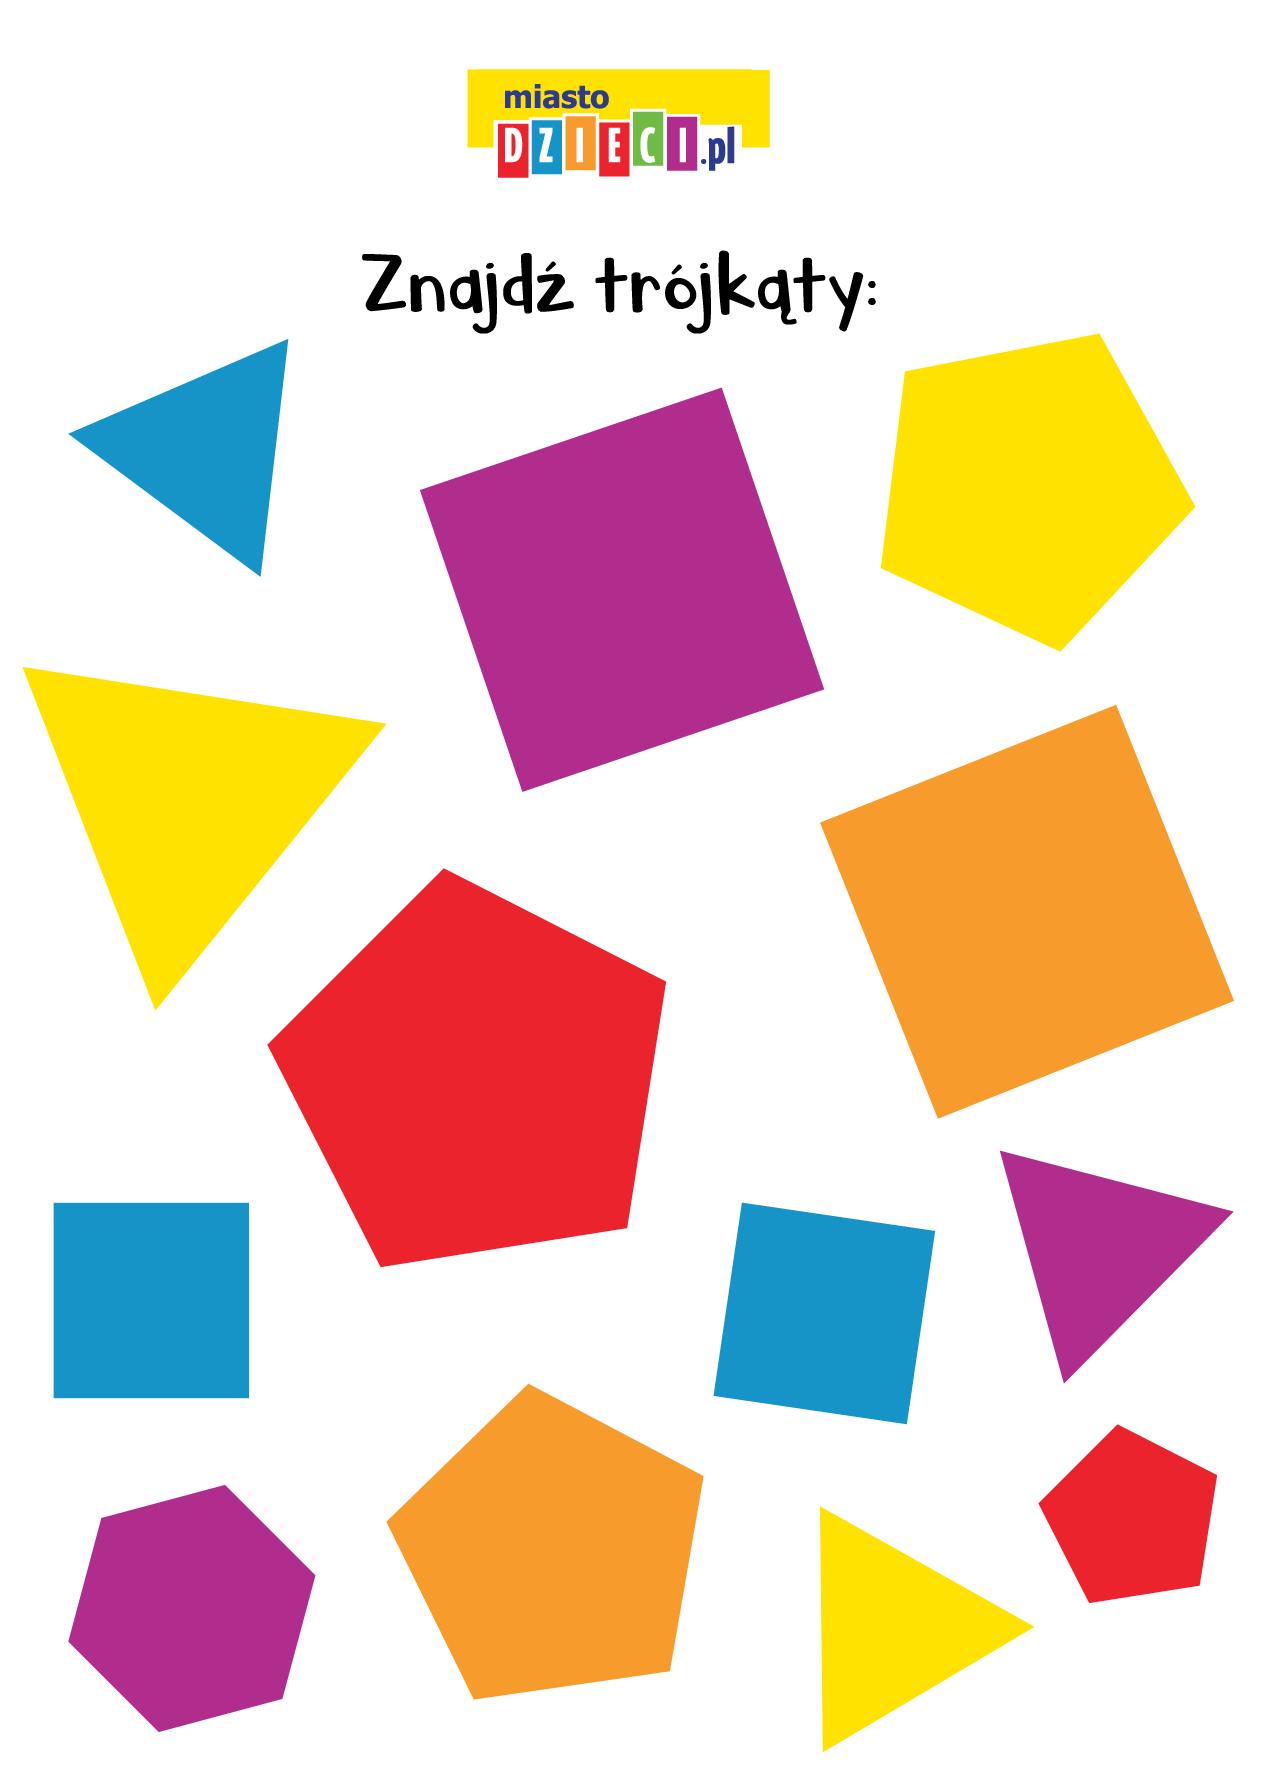 Zagadki matematyczne dla dzieci figury geometryczne trójkąty